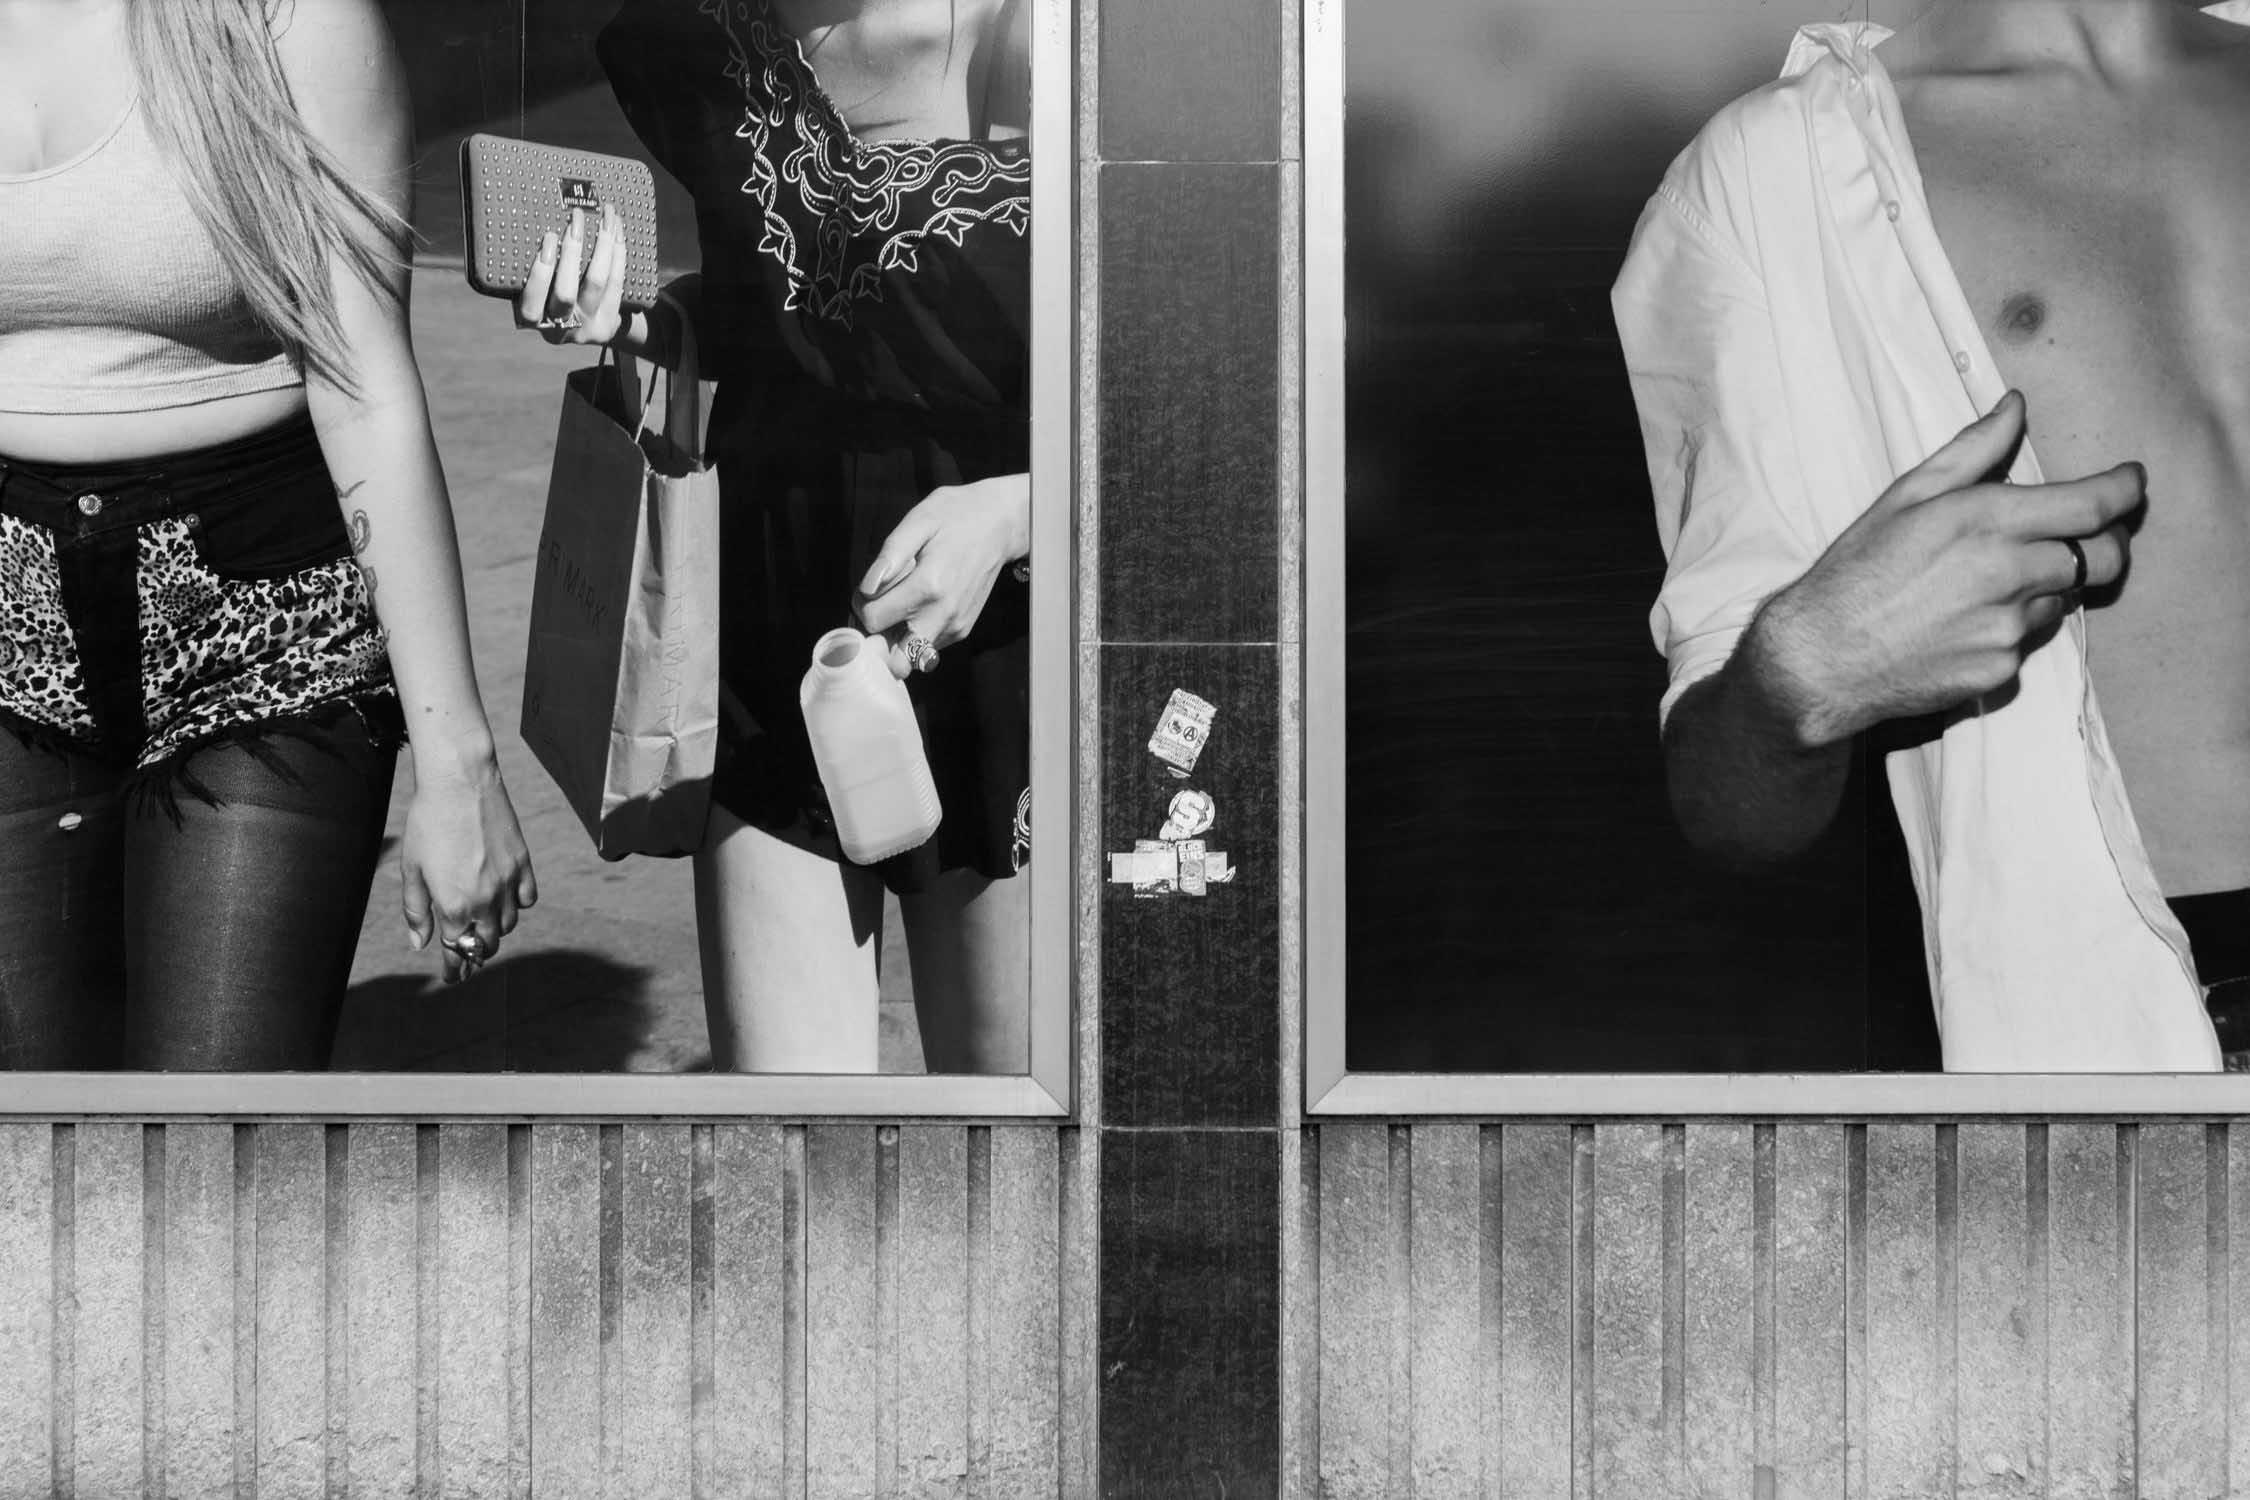 die bielefelder schule Emanuel raab primark menschenbilder Fassade ausstellung bielefeld fh gestaltung jörn strojny